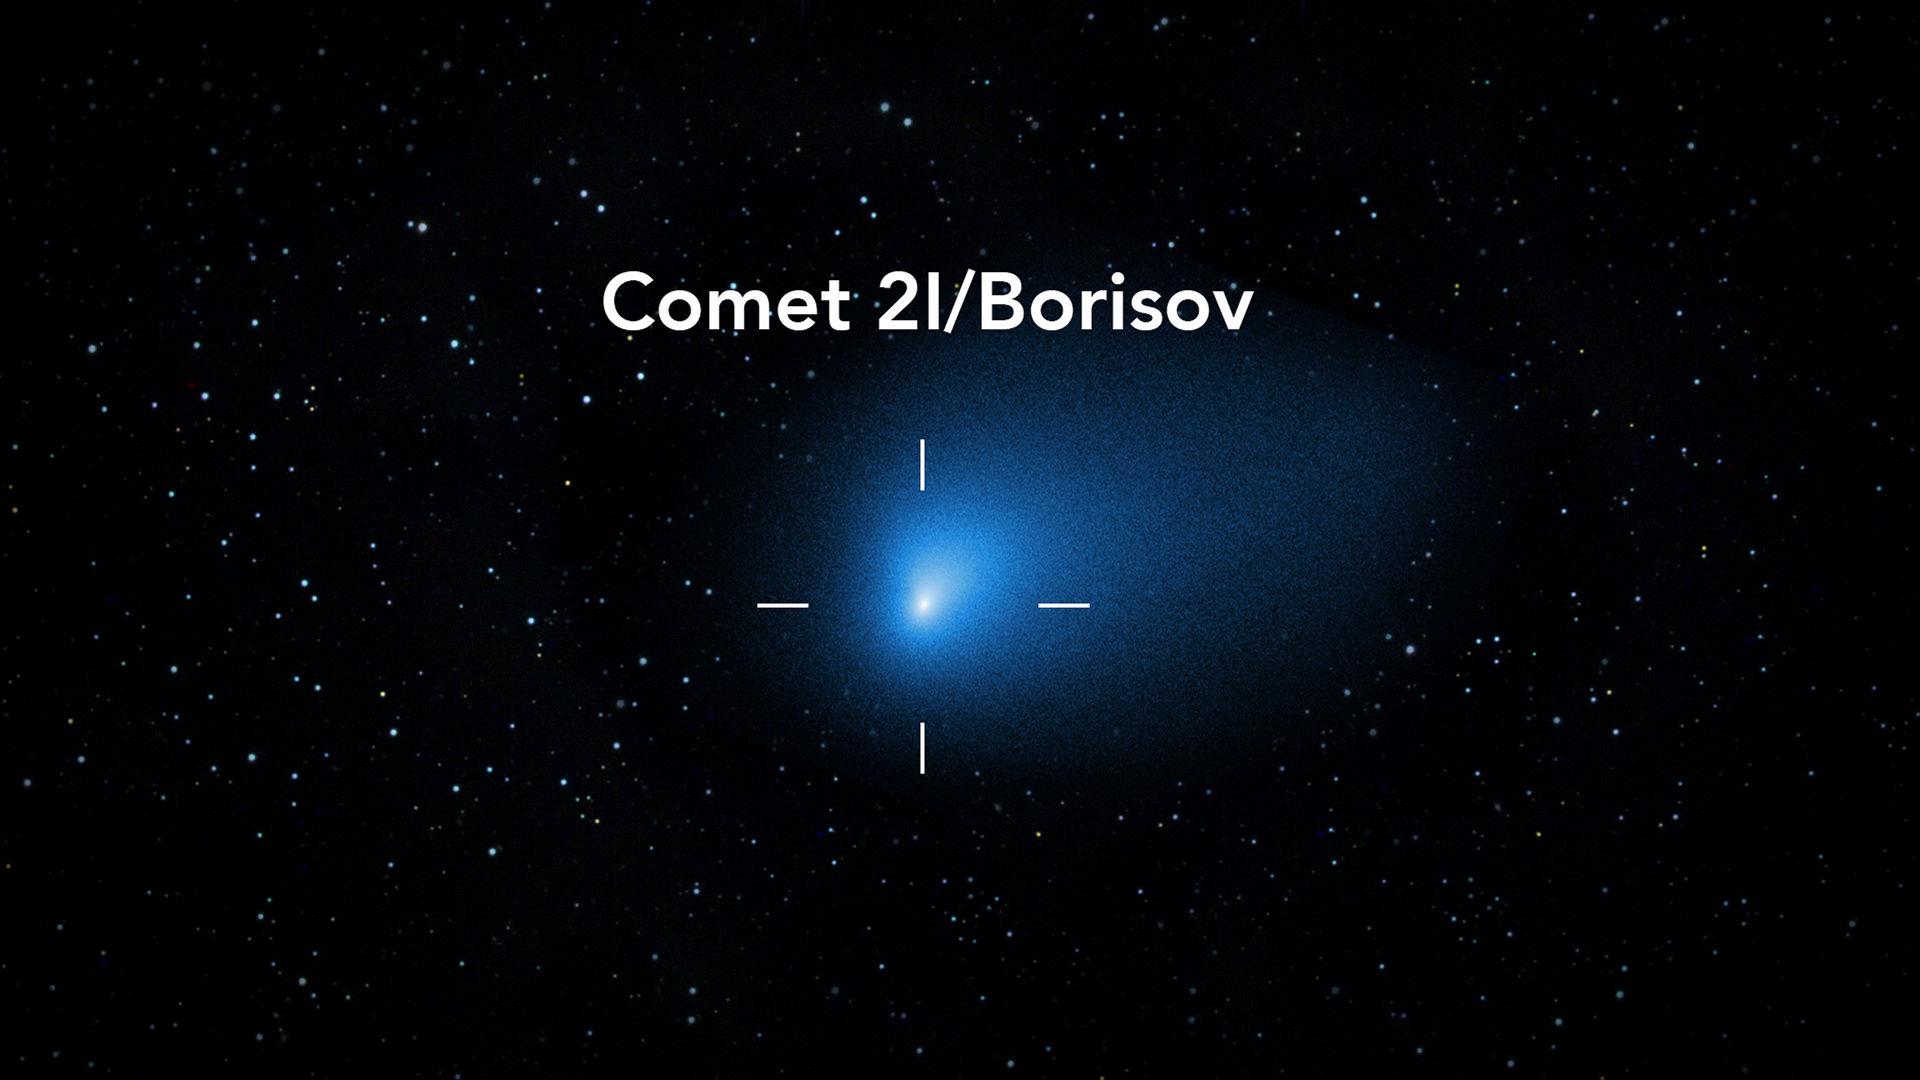 Avvistata nel cielo la cometa 2l/Borisov